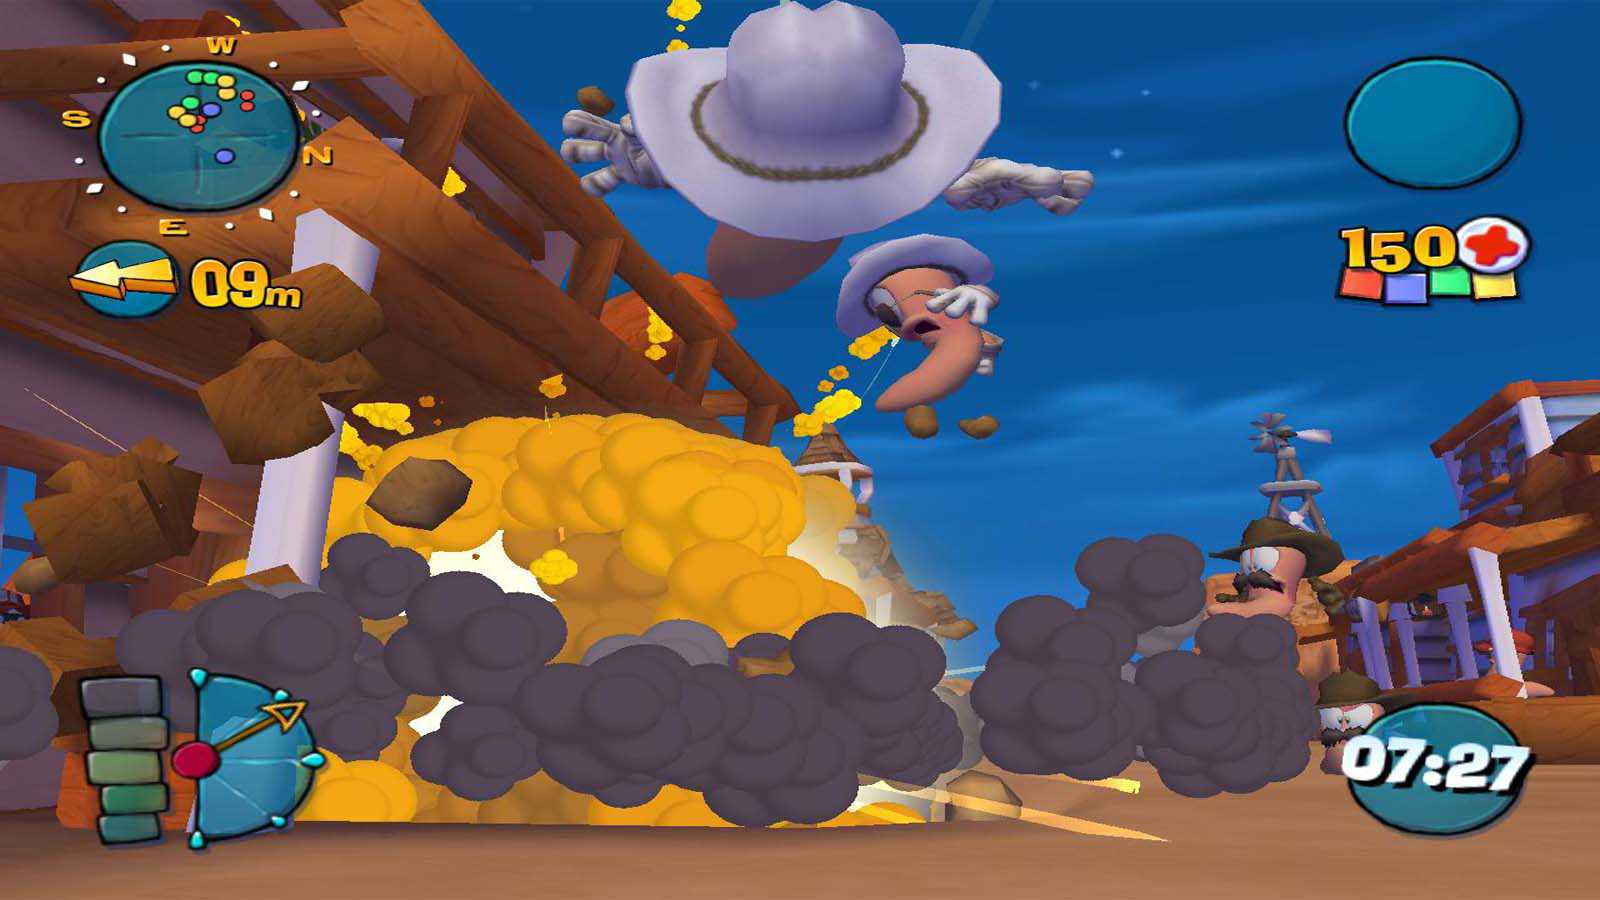 تحميل لعبة Worms 4 Mayhem مضغوطة برابط واحد مباشر كاملة مجانا